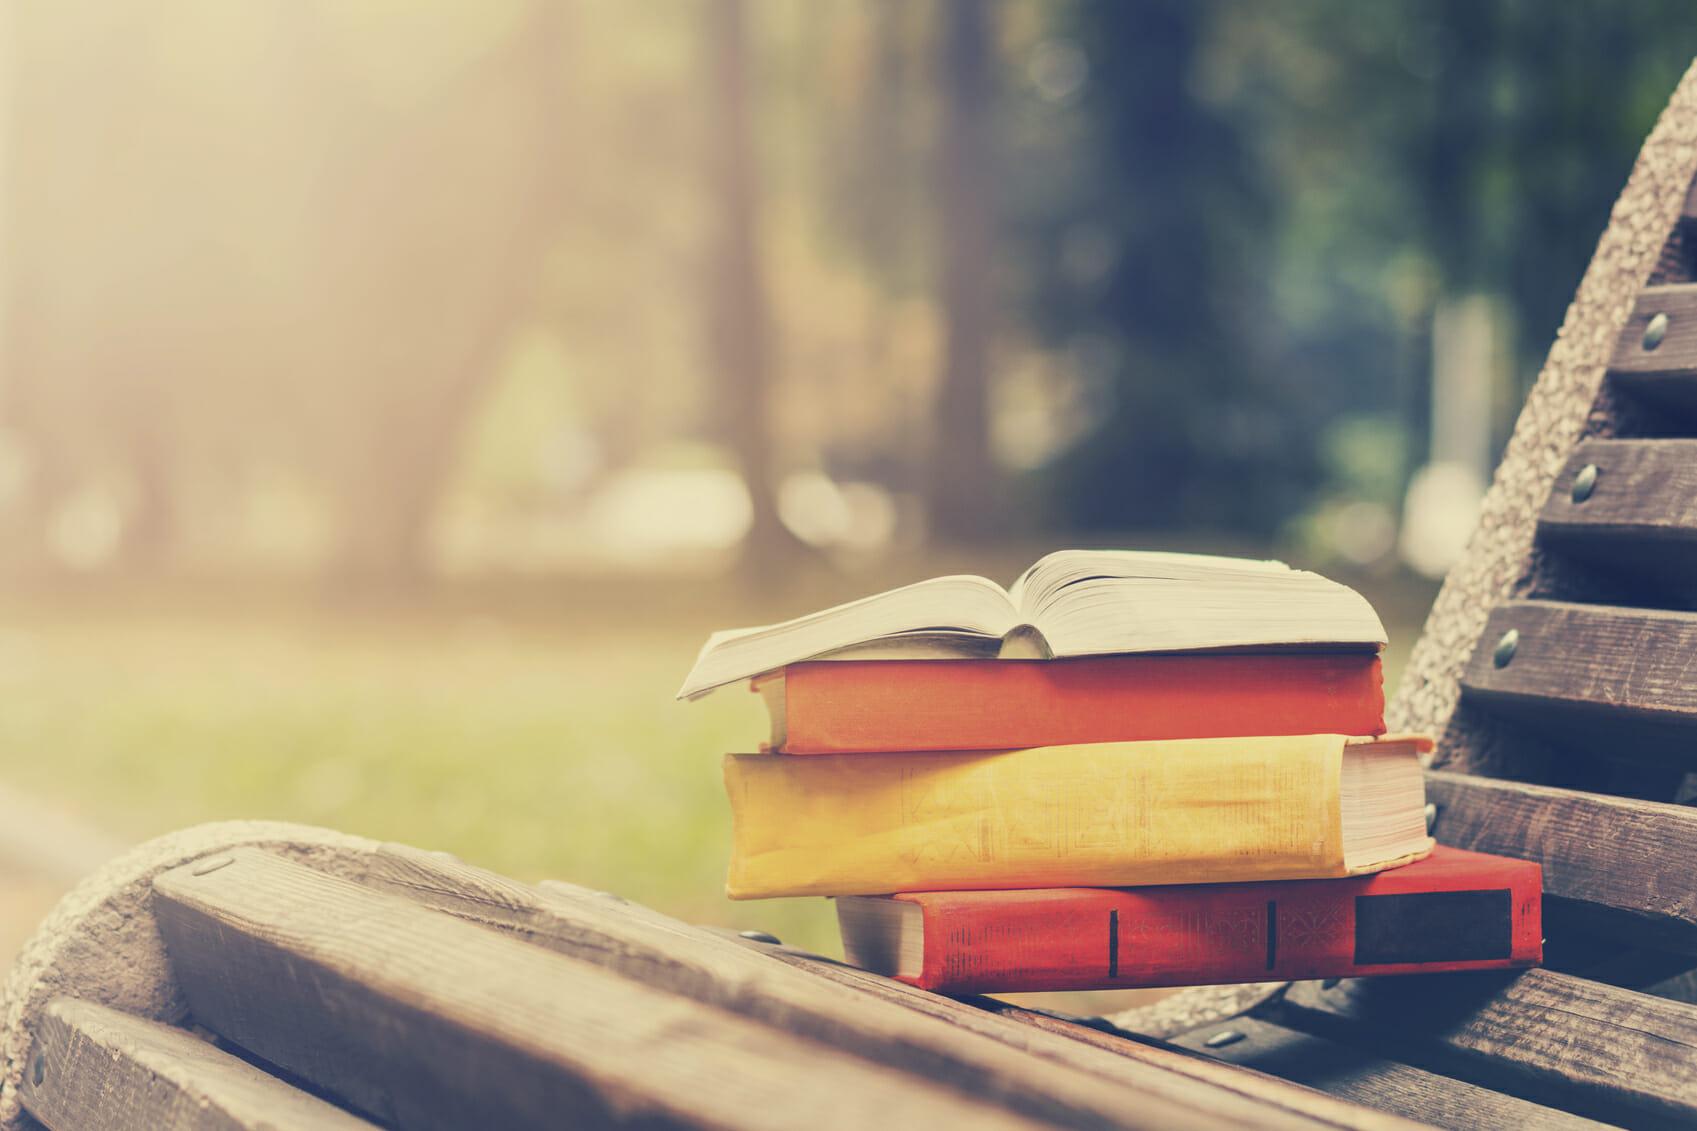 Leggere poesie, anche perché dona benessere (come quando si ascolta musica)